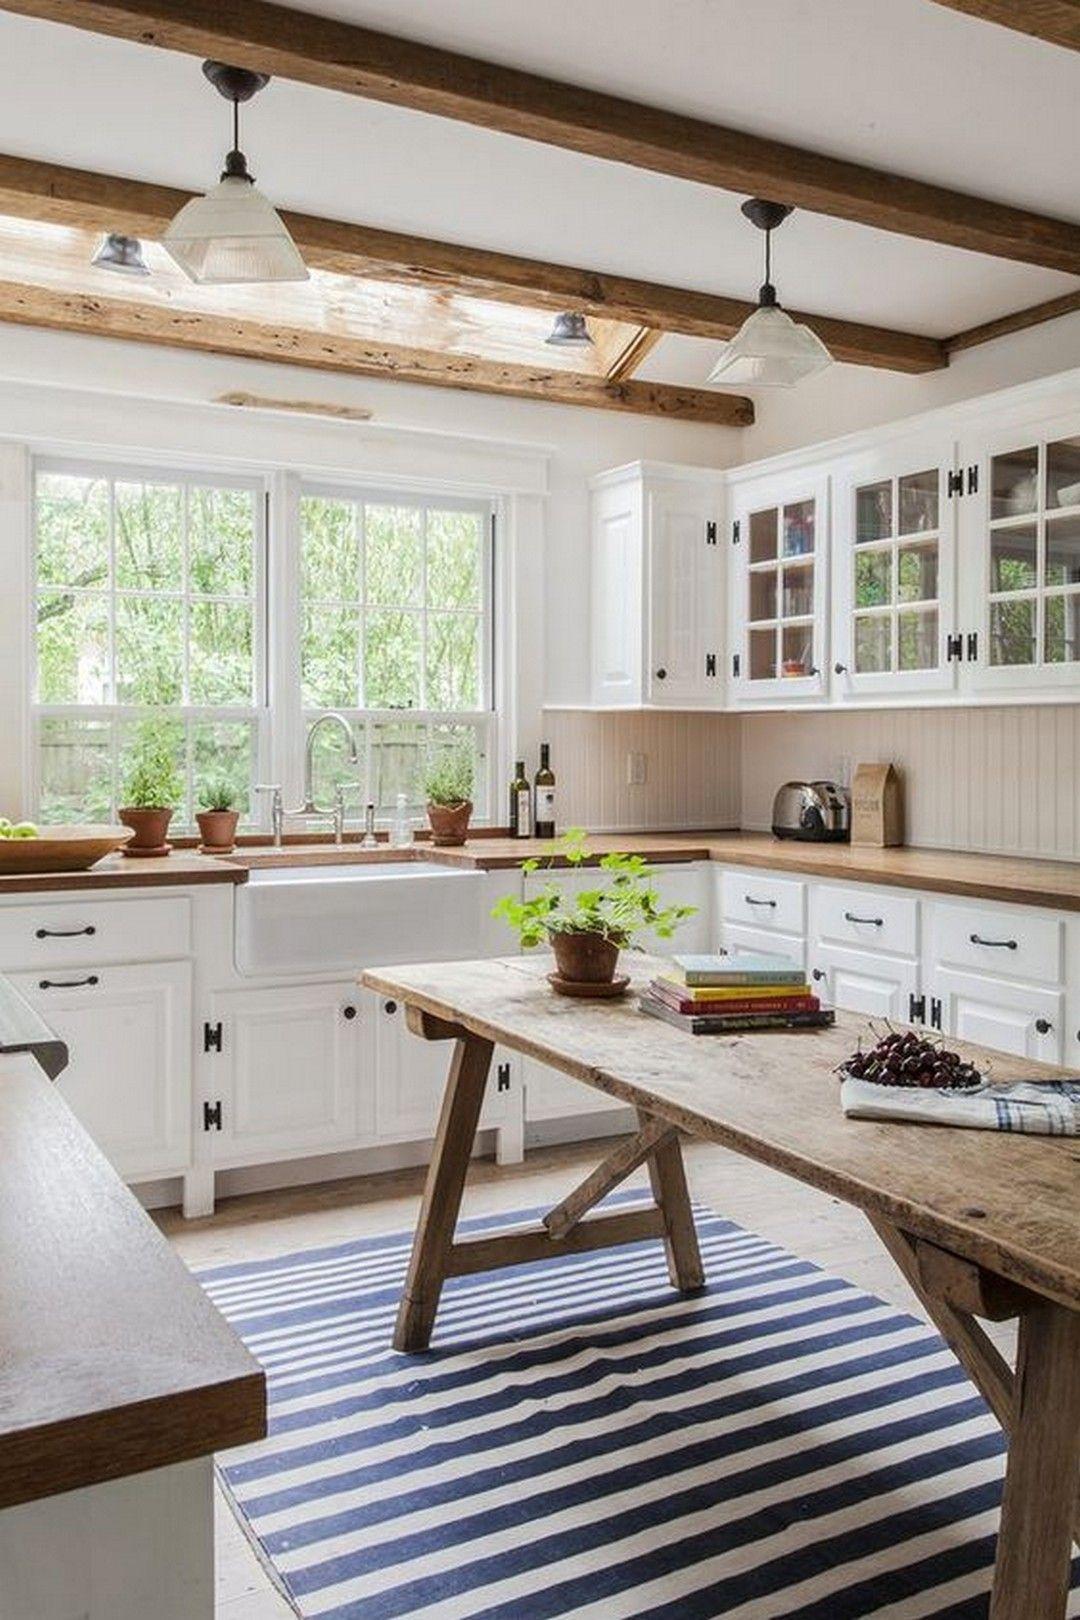 Modifying Your Kitchen With These Country Farmhouse Kitchen Designs Https Www Go Modern Farmhouse Kitchens Farmhouse Kitchen Design Country Kitchen Farmhouse